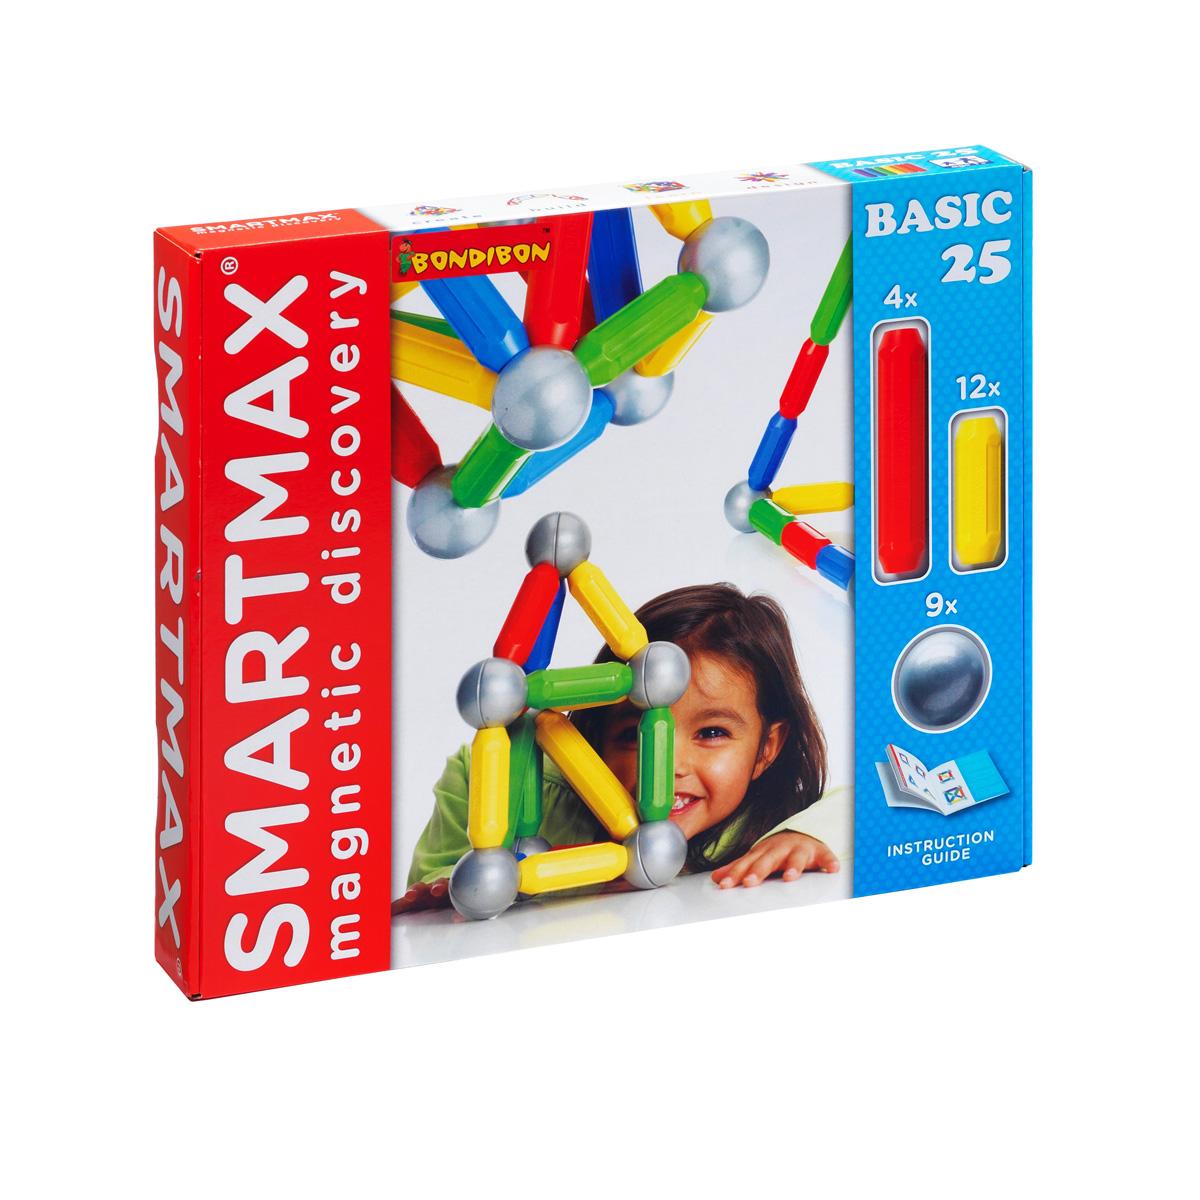 Bondibon Конструктор магнитный Smartmax Основной набор